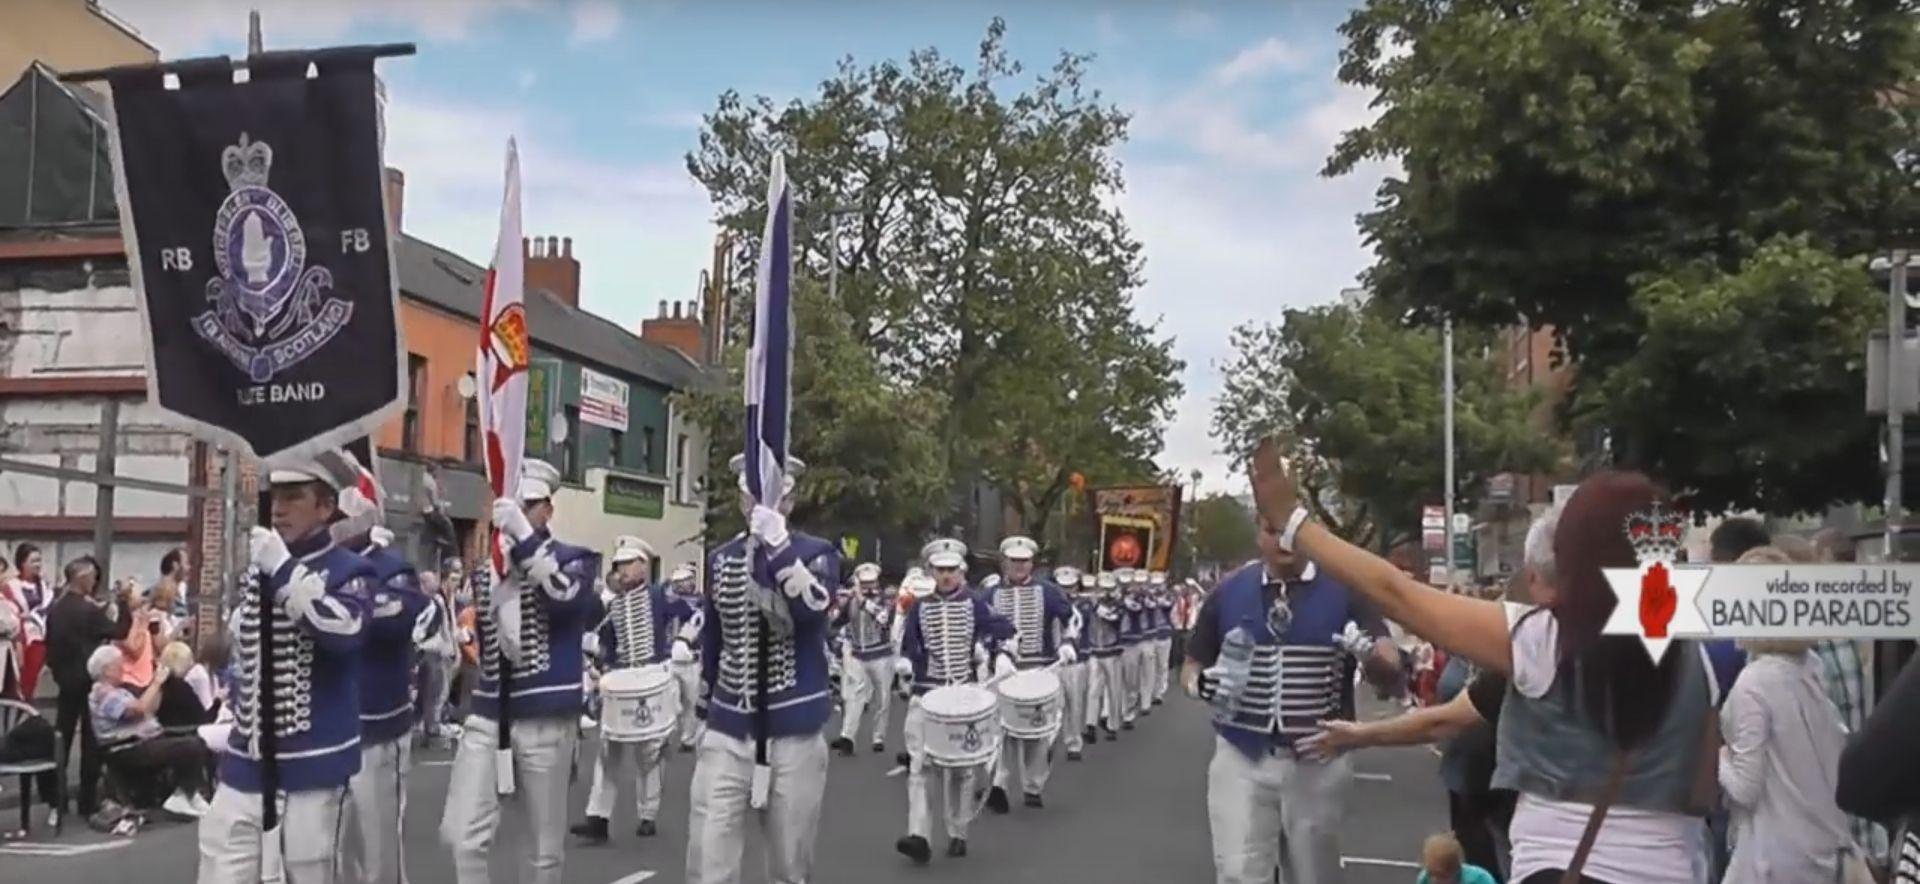 Parada Oranskog reda prošla puno mirnije nego se očekivalo